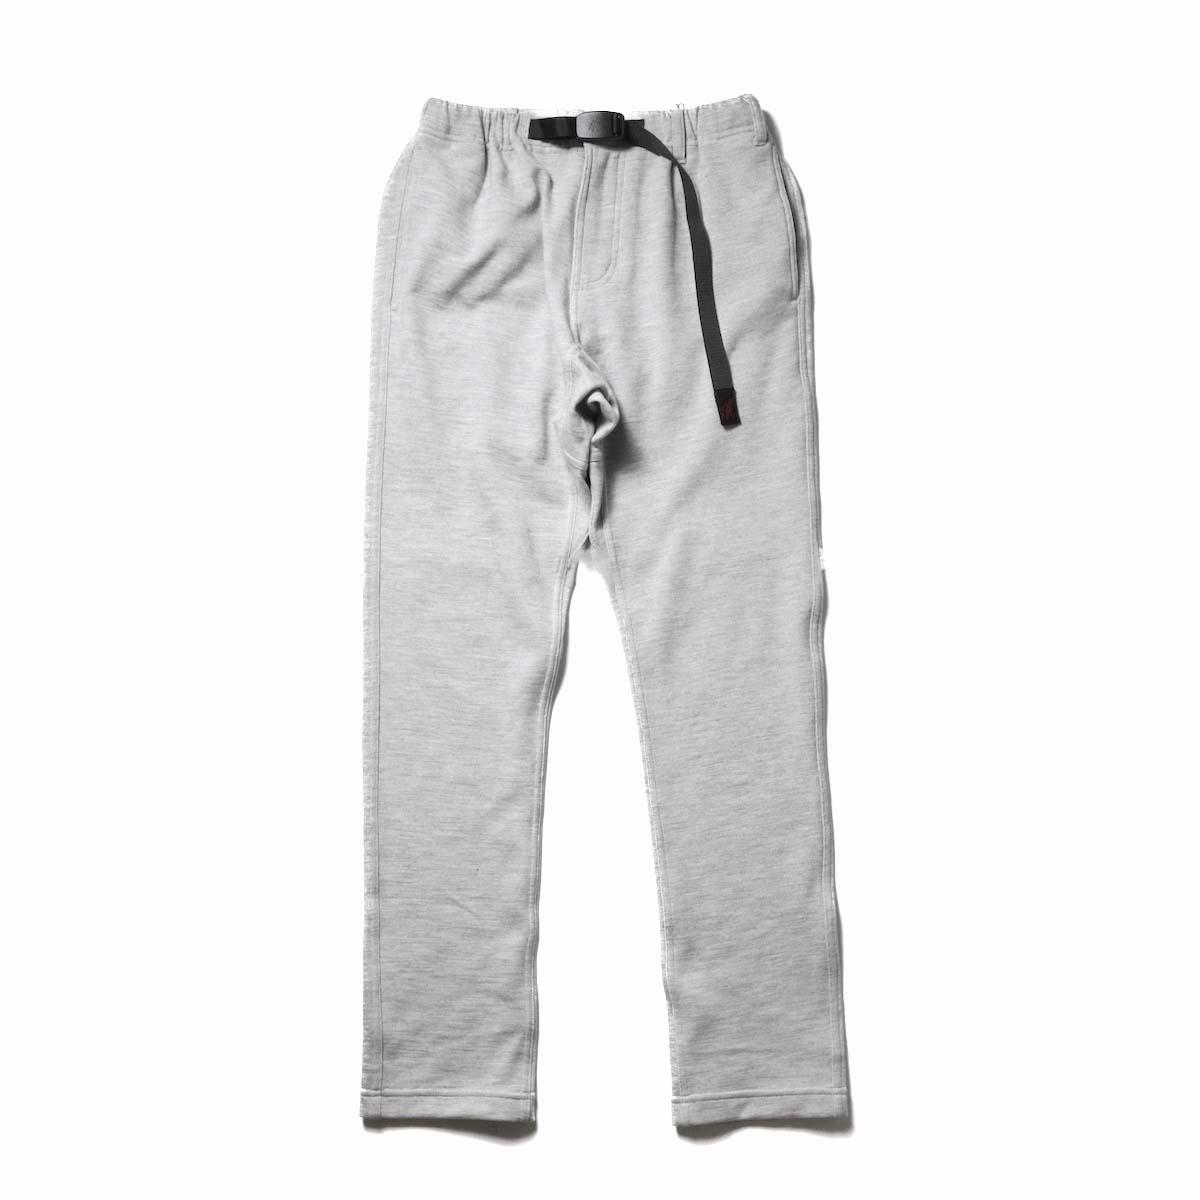 GRAMICCI / COOLMAX NN-PANTS TIGHTFIT (Gray)